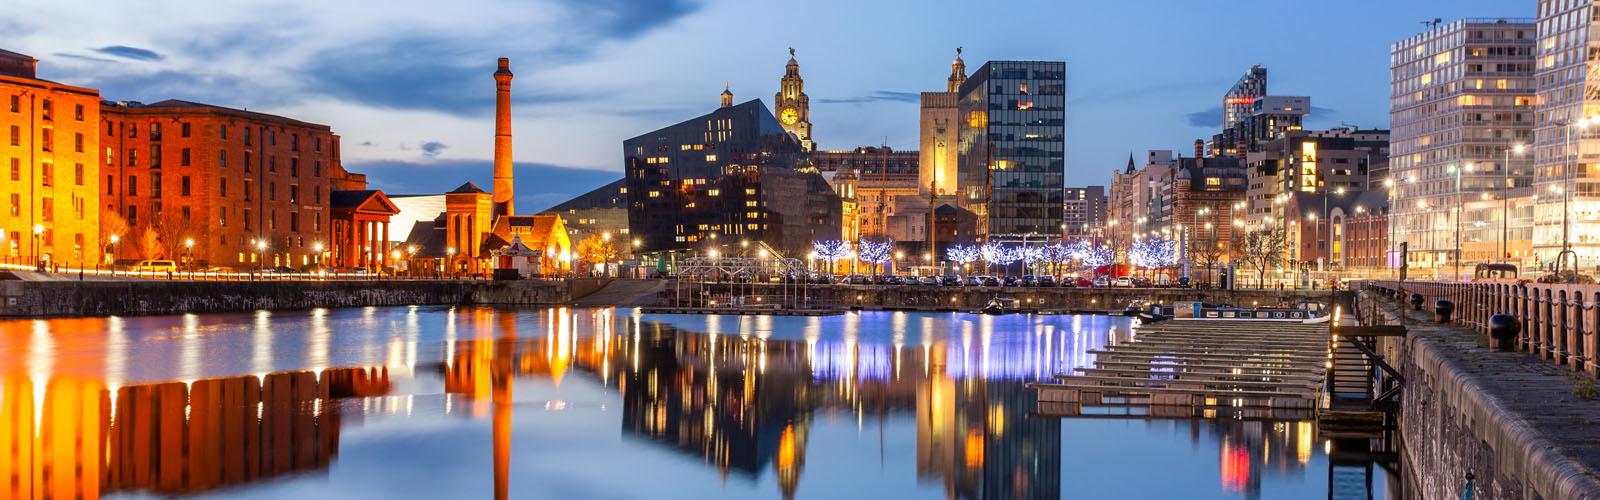 Night view of Liverpool, skyline towards Albert Dock.